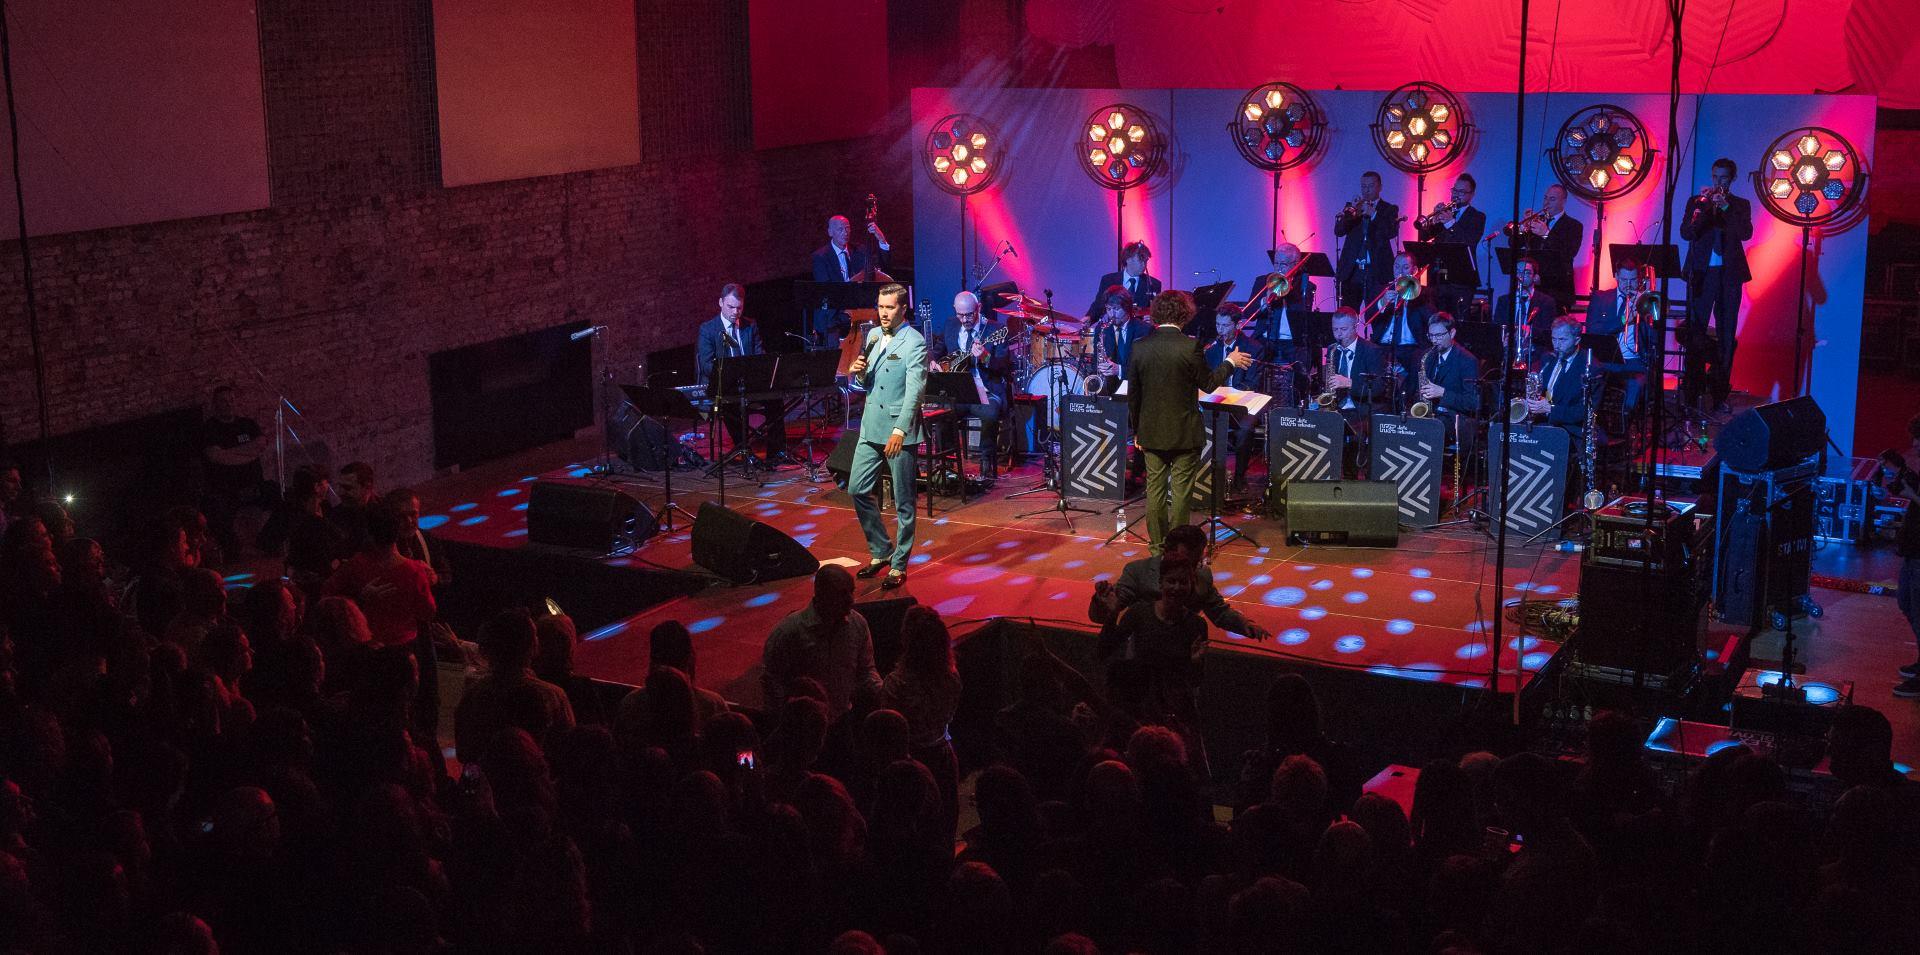 FOTO: Pogledajte fotogaleriju s retro koncerta Marka Tolje i Jazz orkestra HRT-a